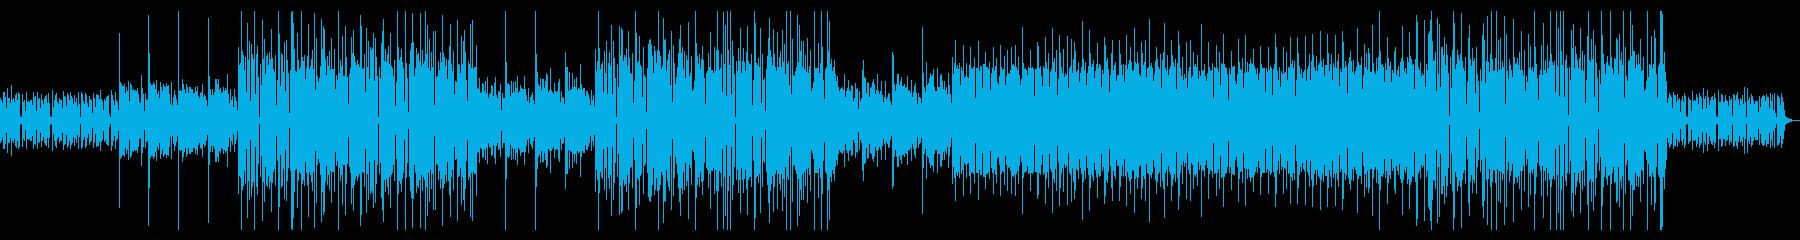 不思議でミニマルなエレクトロニカの再生済みの波形